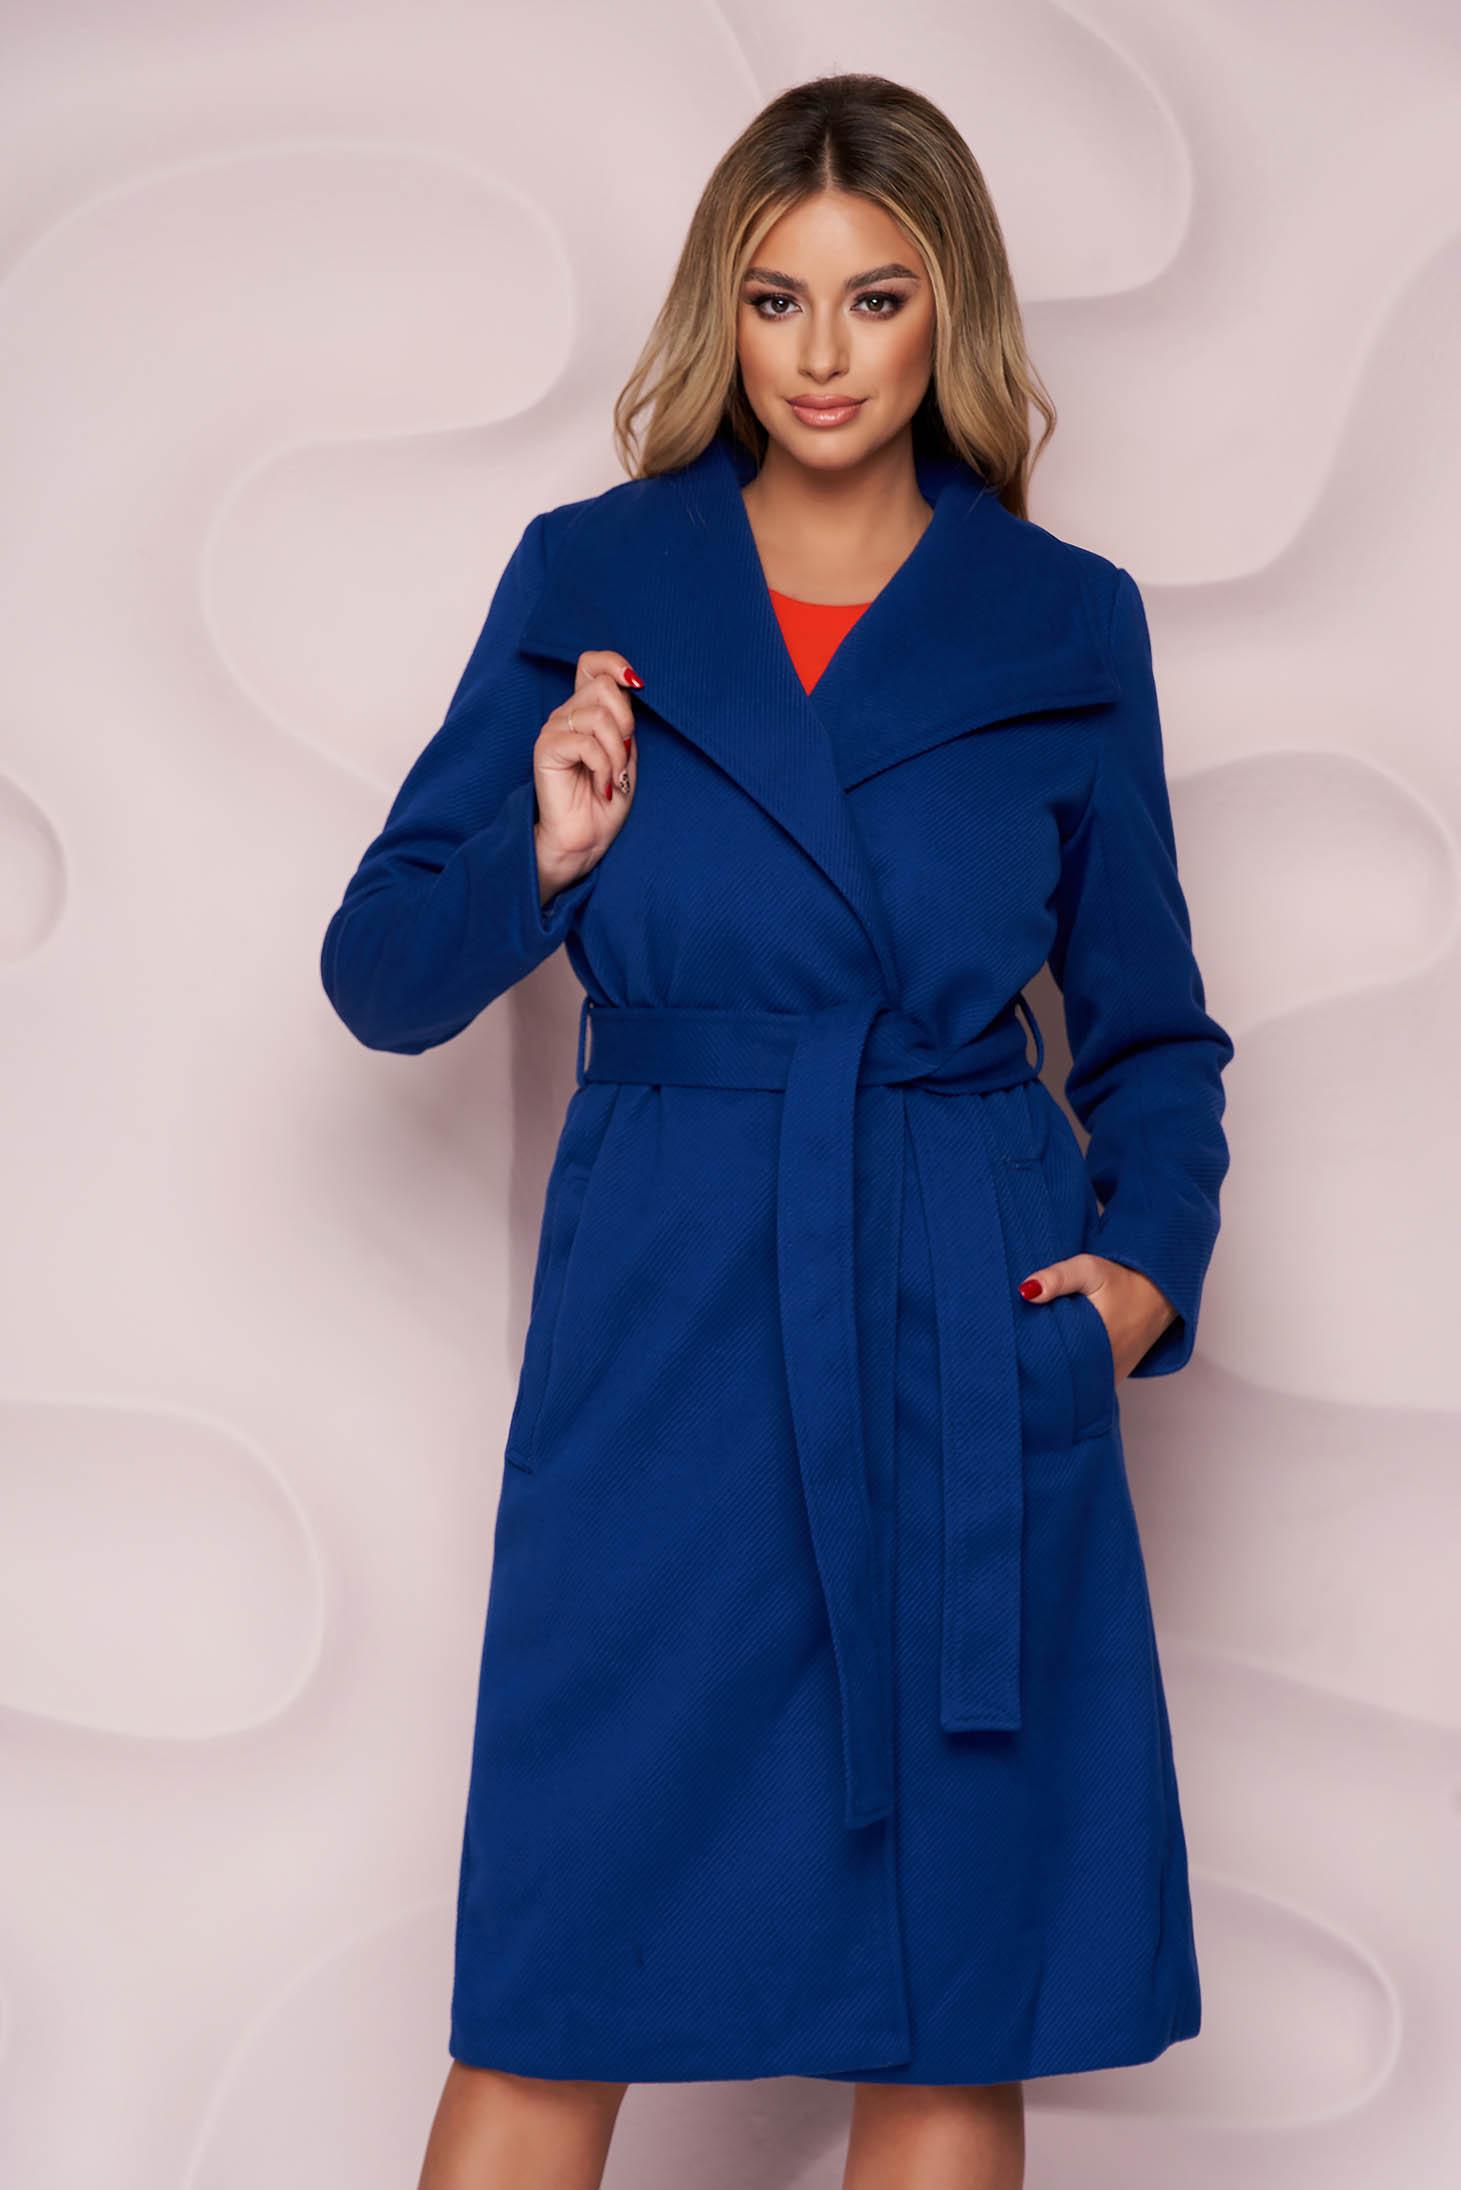 Palton SunShine albastru imblanit cu un croi drept din material gros cu cordon detasabil